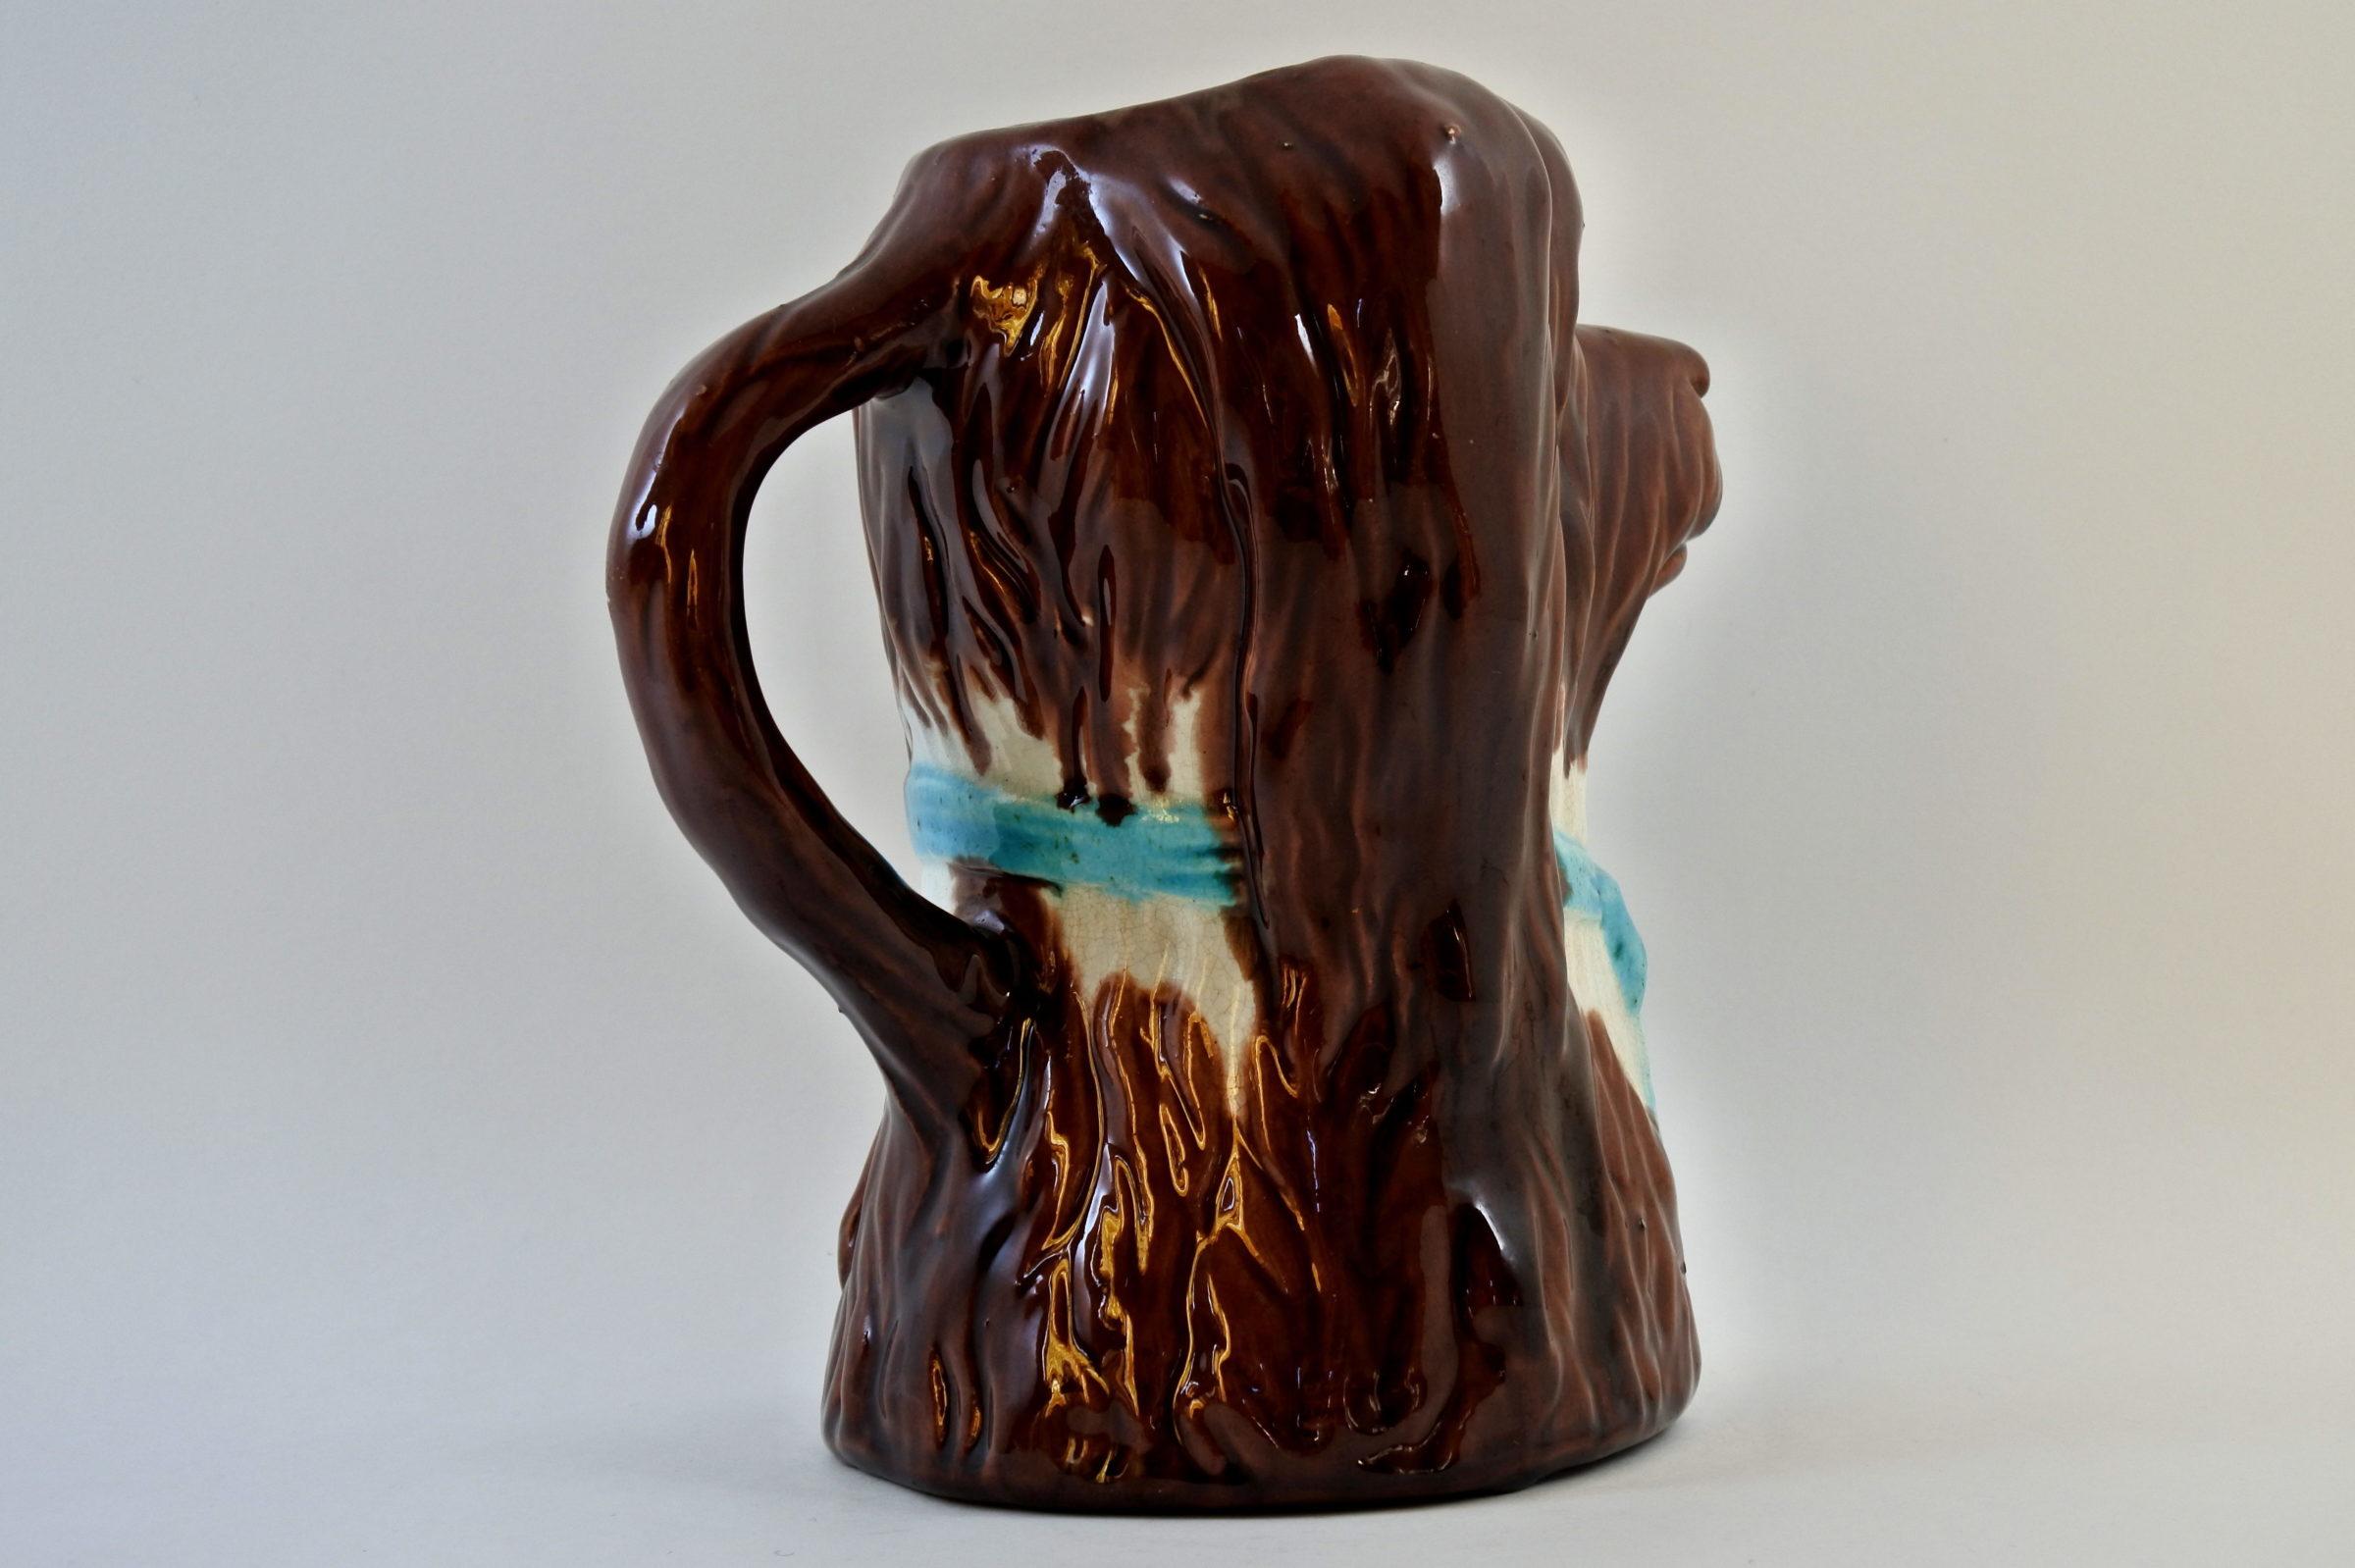 Brocca in ceramica barbotine a forma di cane con fiocco azzurro - 3